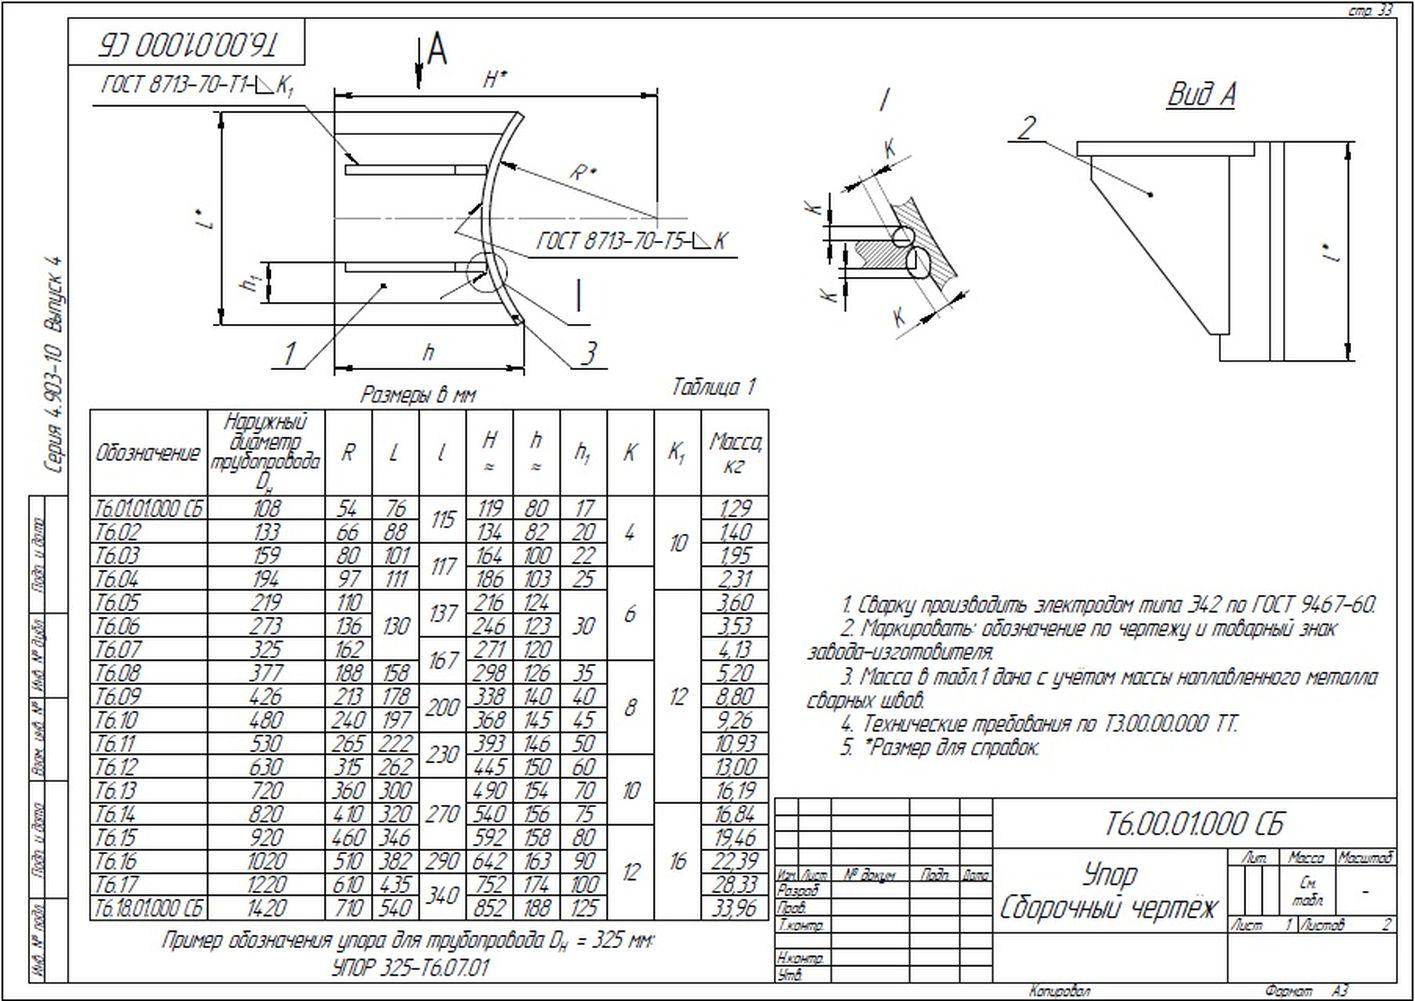 Опора неподвижная лобовая двухупорная усиленная Т6 серия 4.903-10 вып.4 стр.9